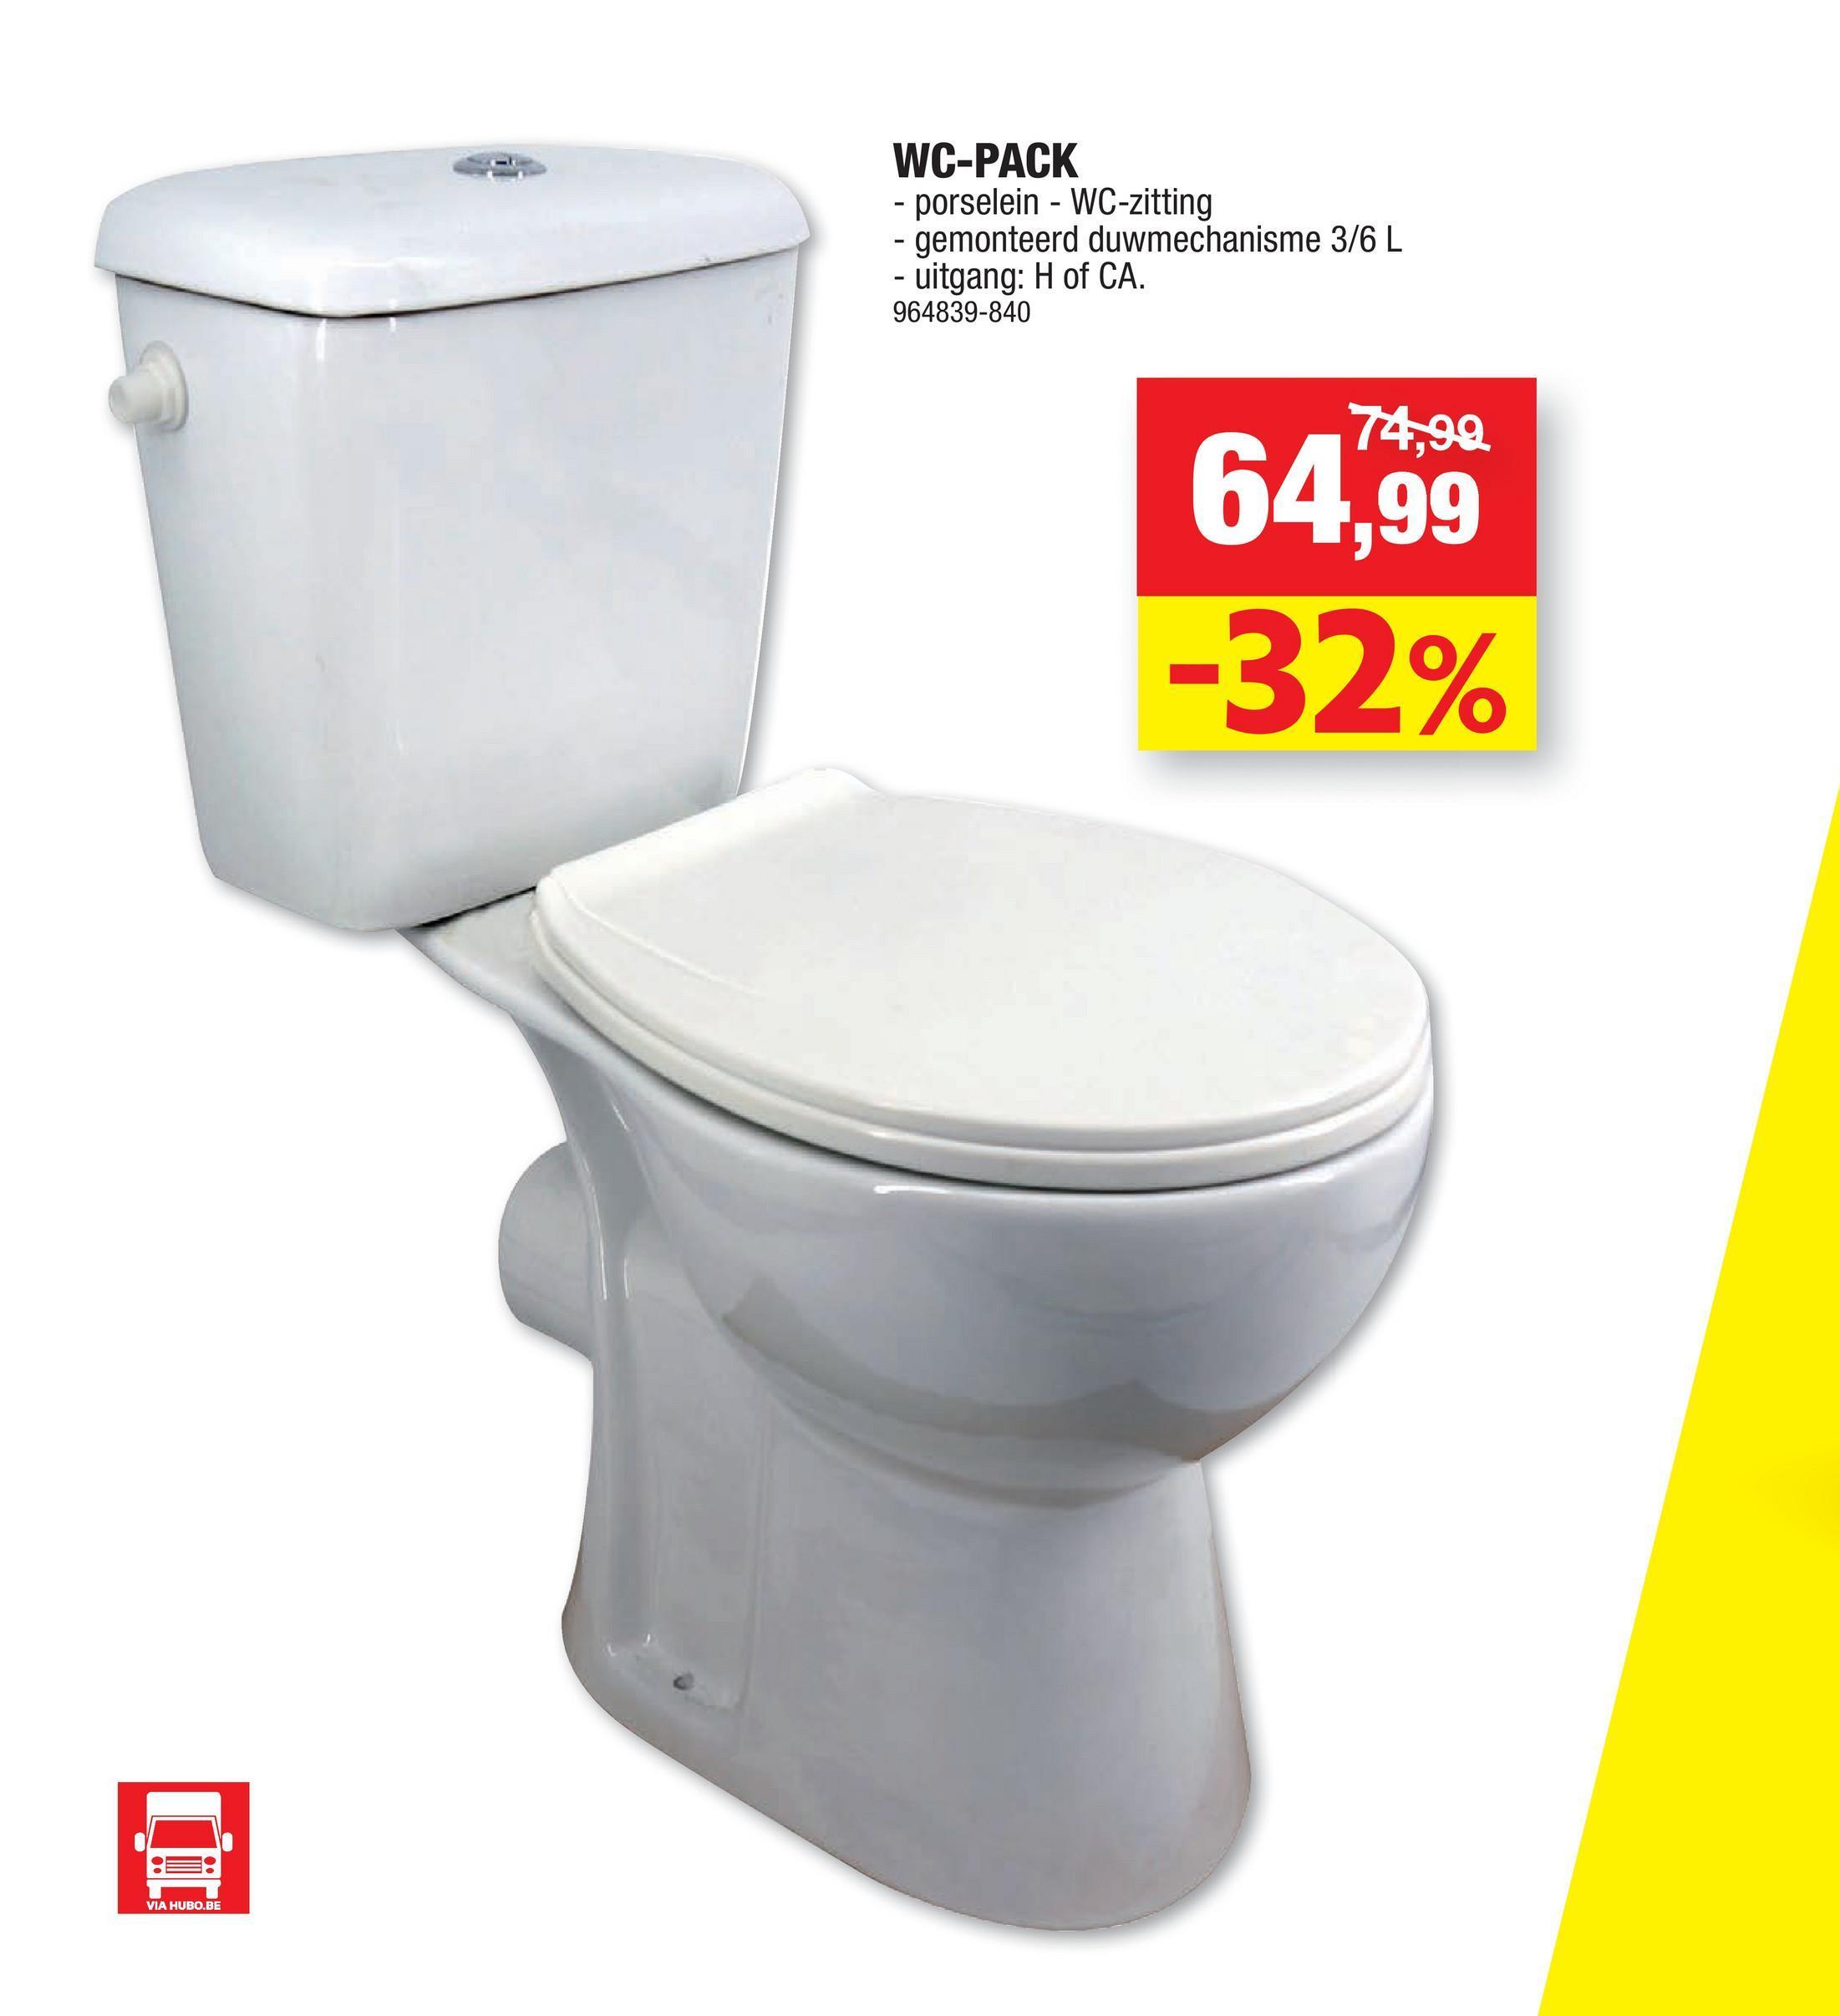 WC-PACK - porselein - WC-zitting - gemonteerd duwmechanisme 3/6 L - uitgang: H of CA. 964839-840 74,99 64,99 -32% VIA HUBO.BE